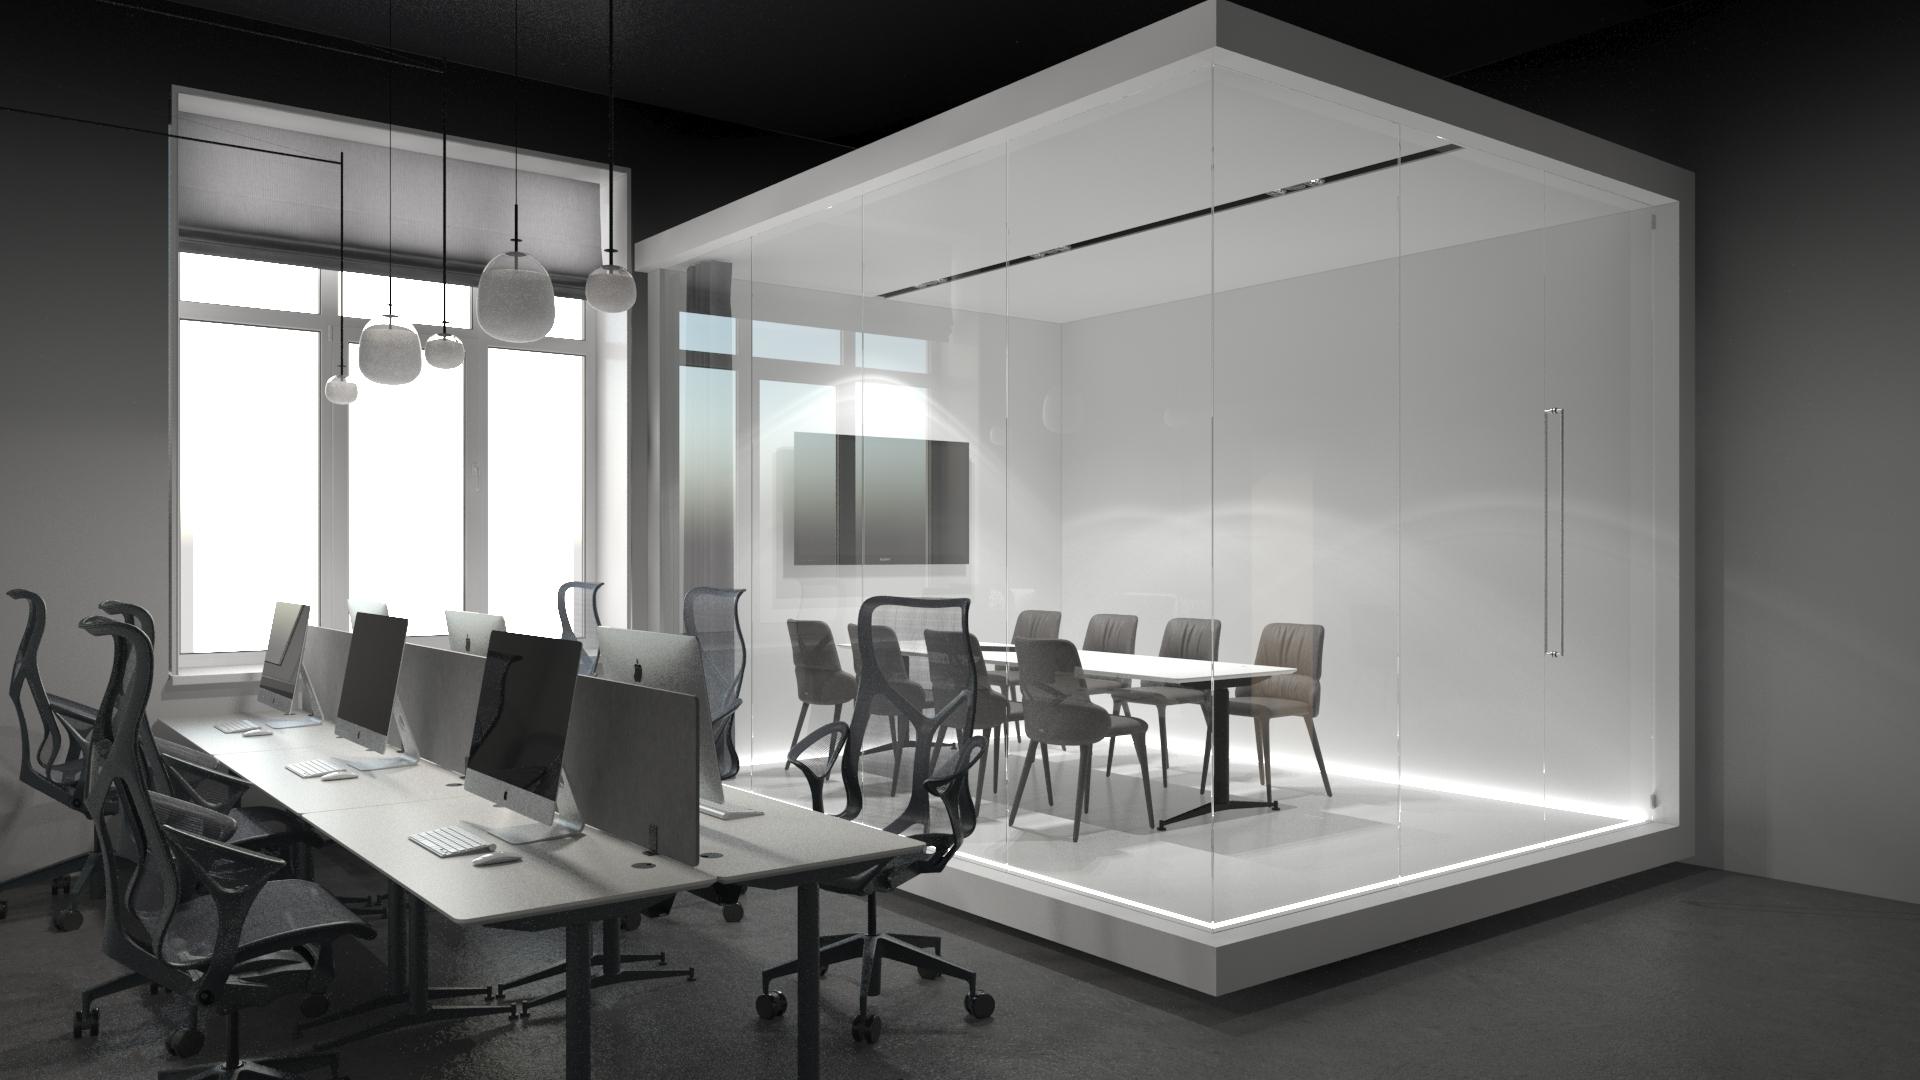 Картинка офиса в минимализме